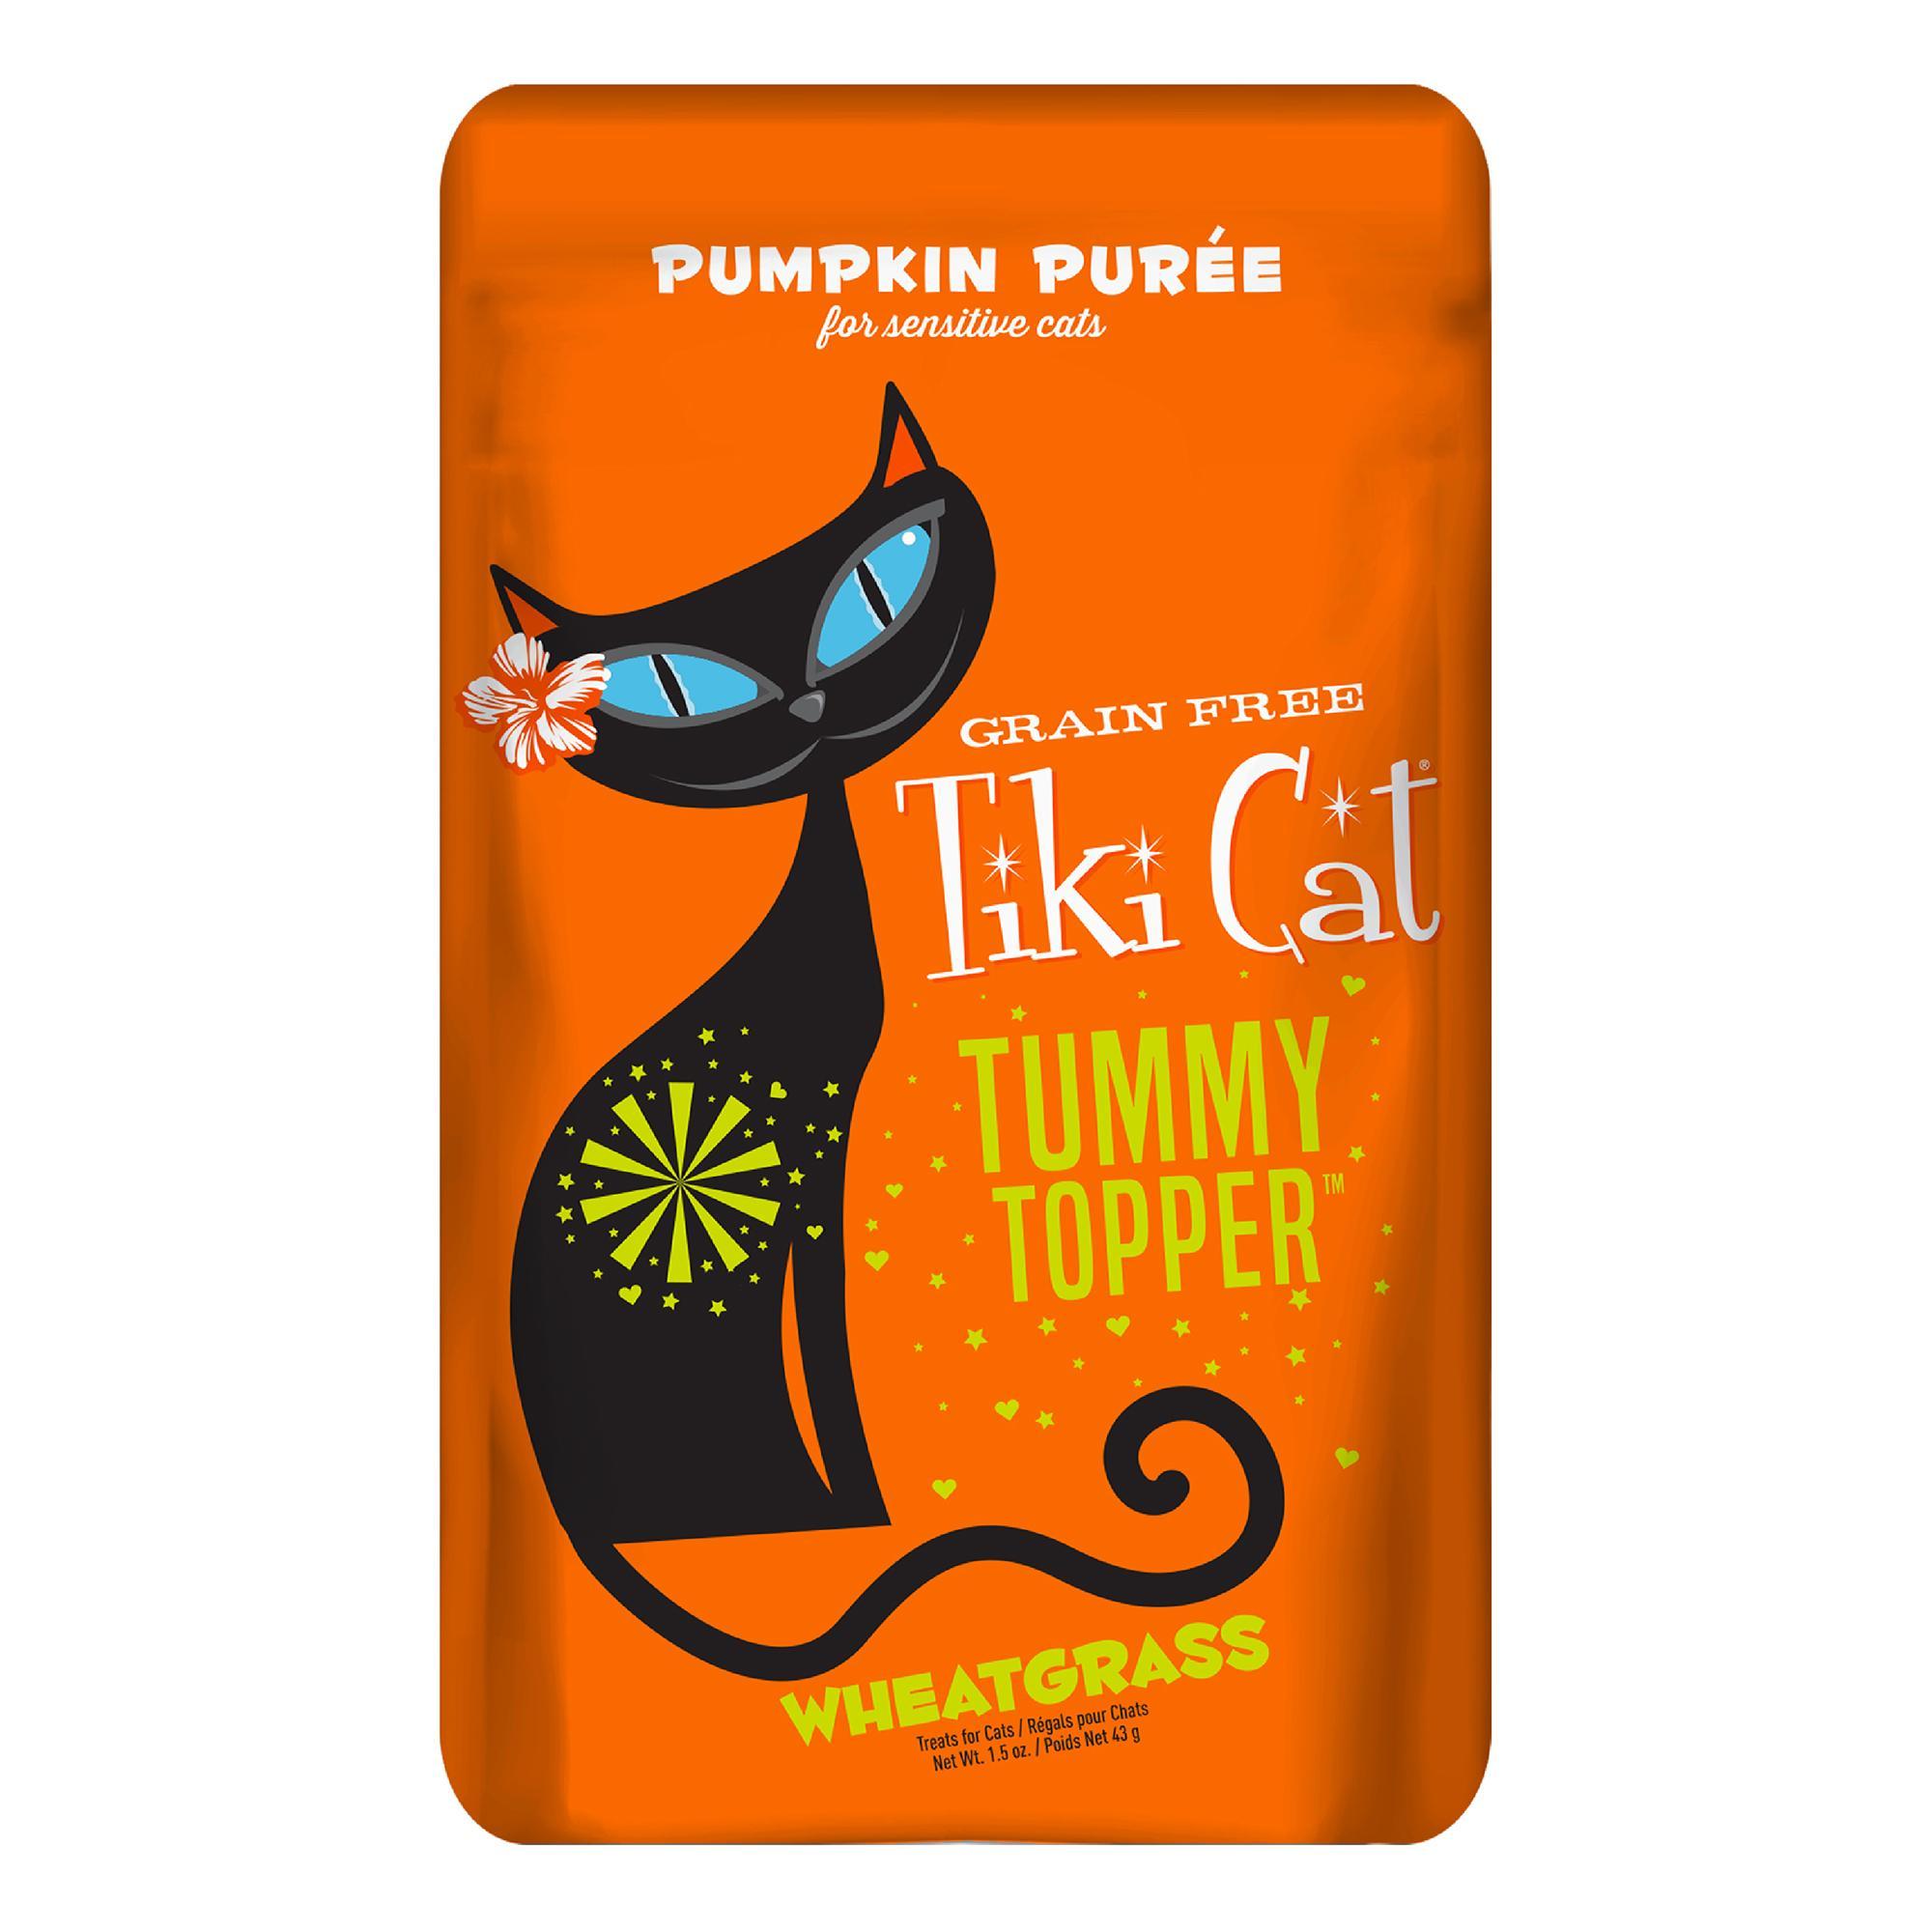 Tiki Cat Tummy Topper Pumpkin Puree & Wheatgrass Cat Food Topper, 1.5-oz